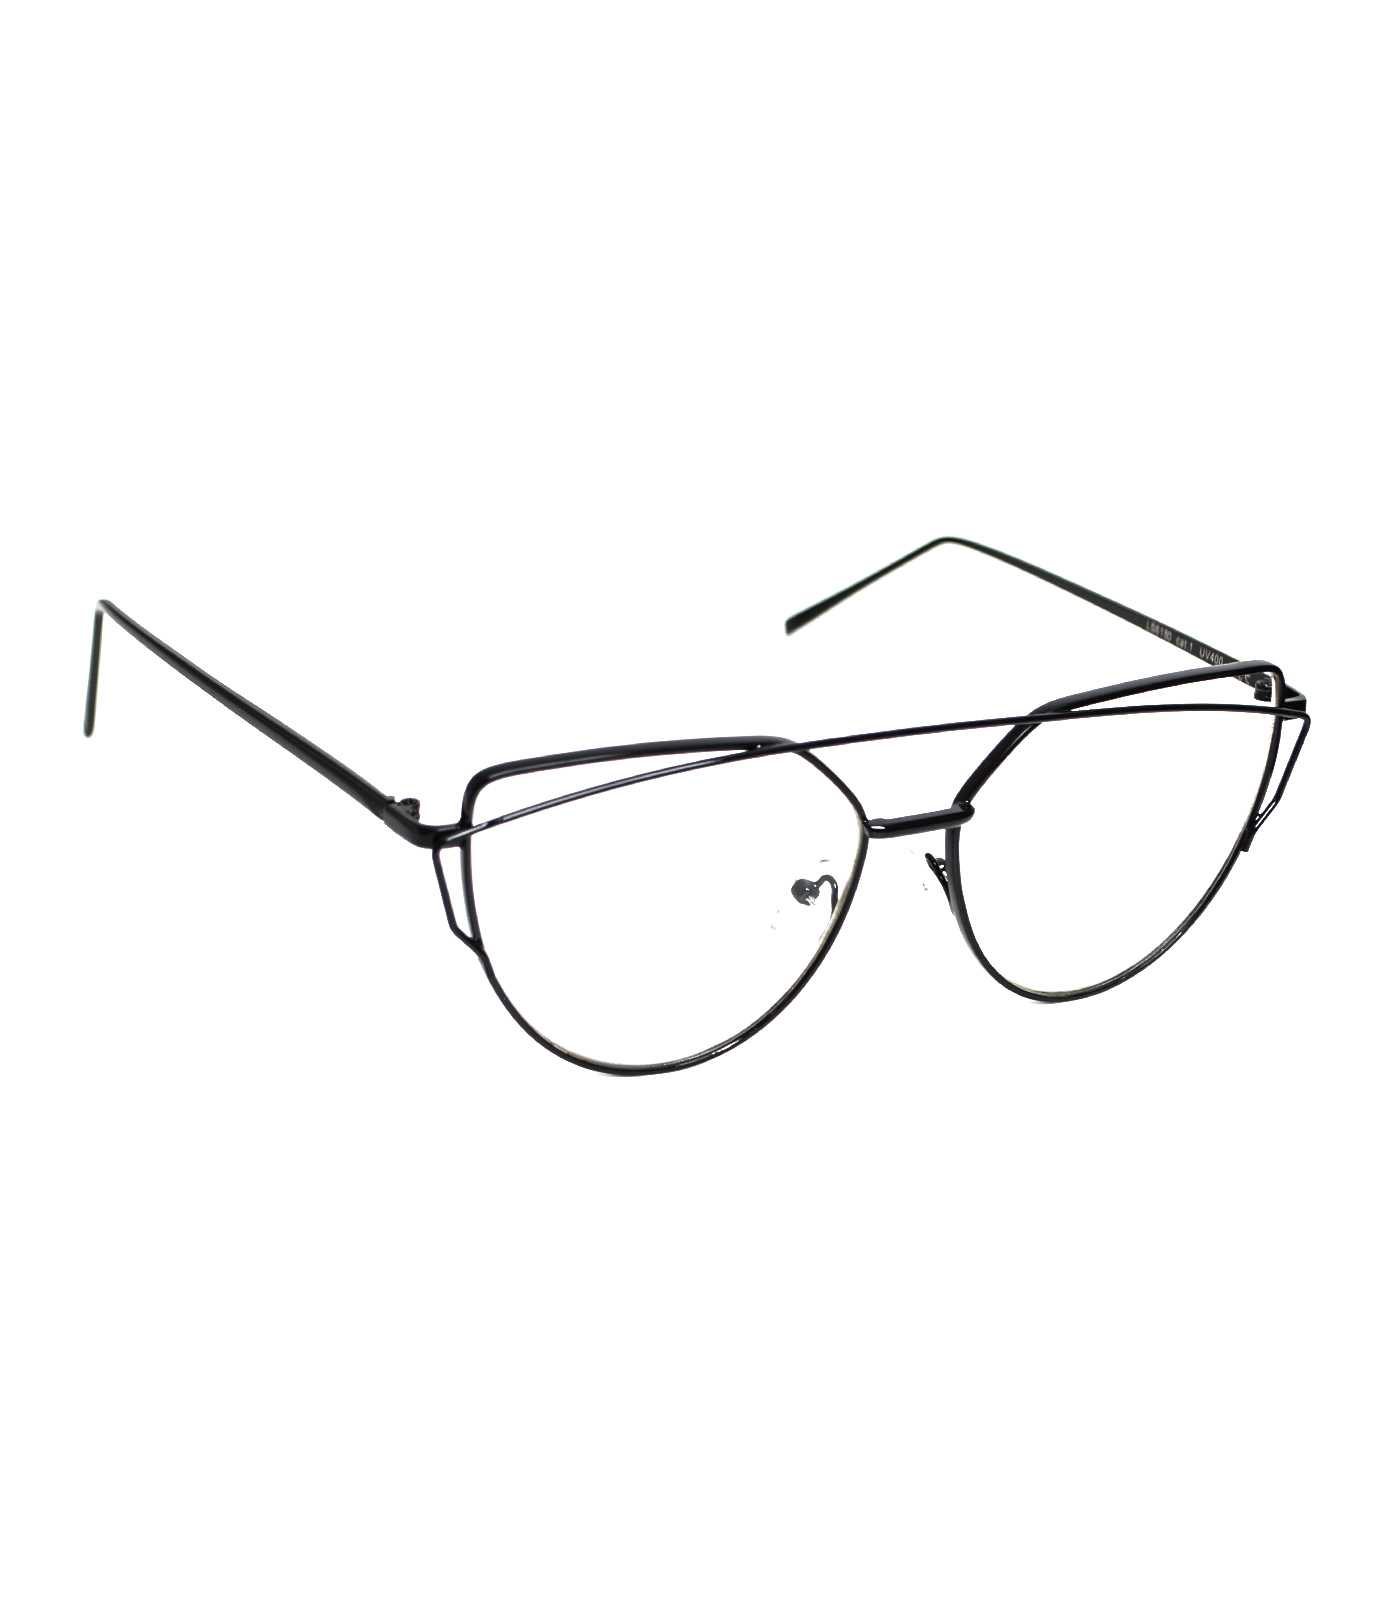 Μαύρο μεταλλικά γυαλιά με διαφανές φακό